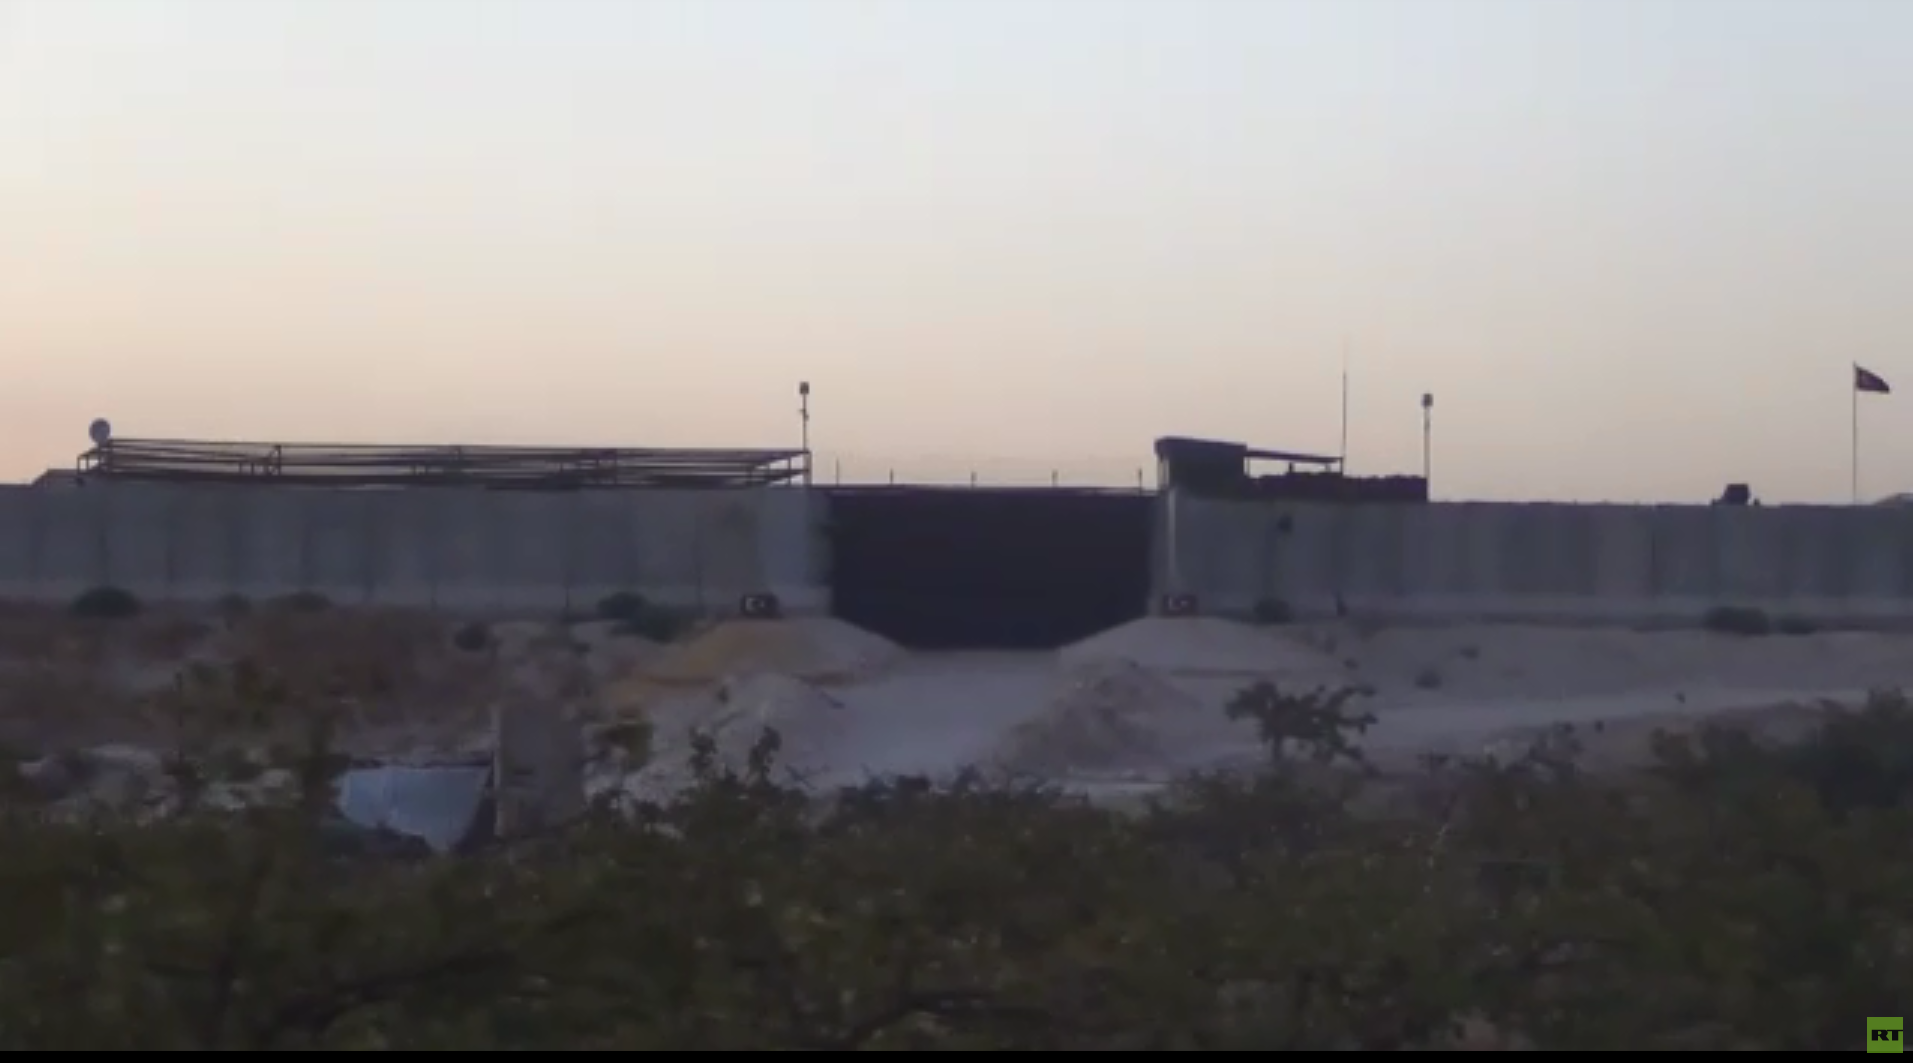 كاميرا RT ترصد عن قرب نقطة المراقبة التركية التاسعة المحاصرة من قبل الجيش السوري